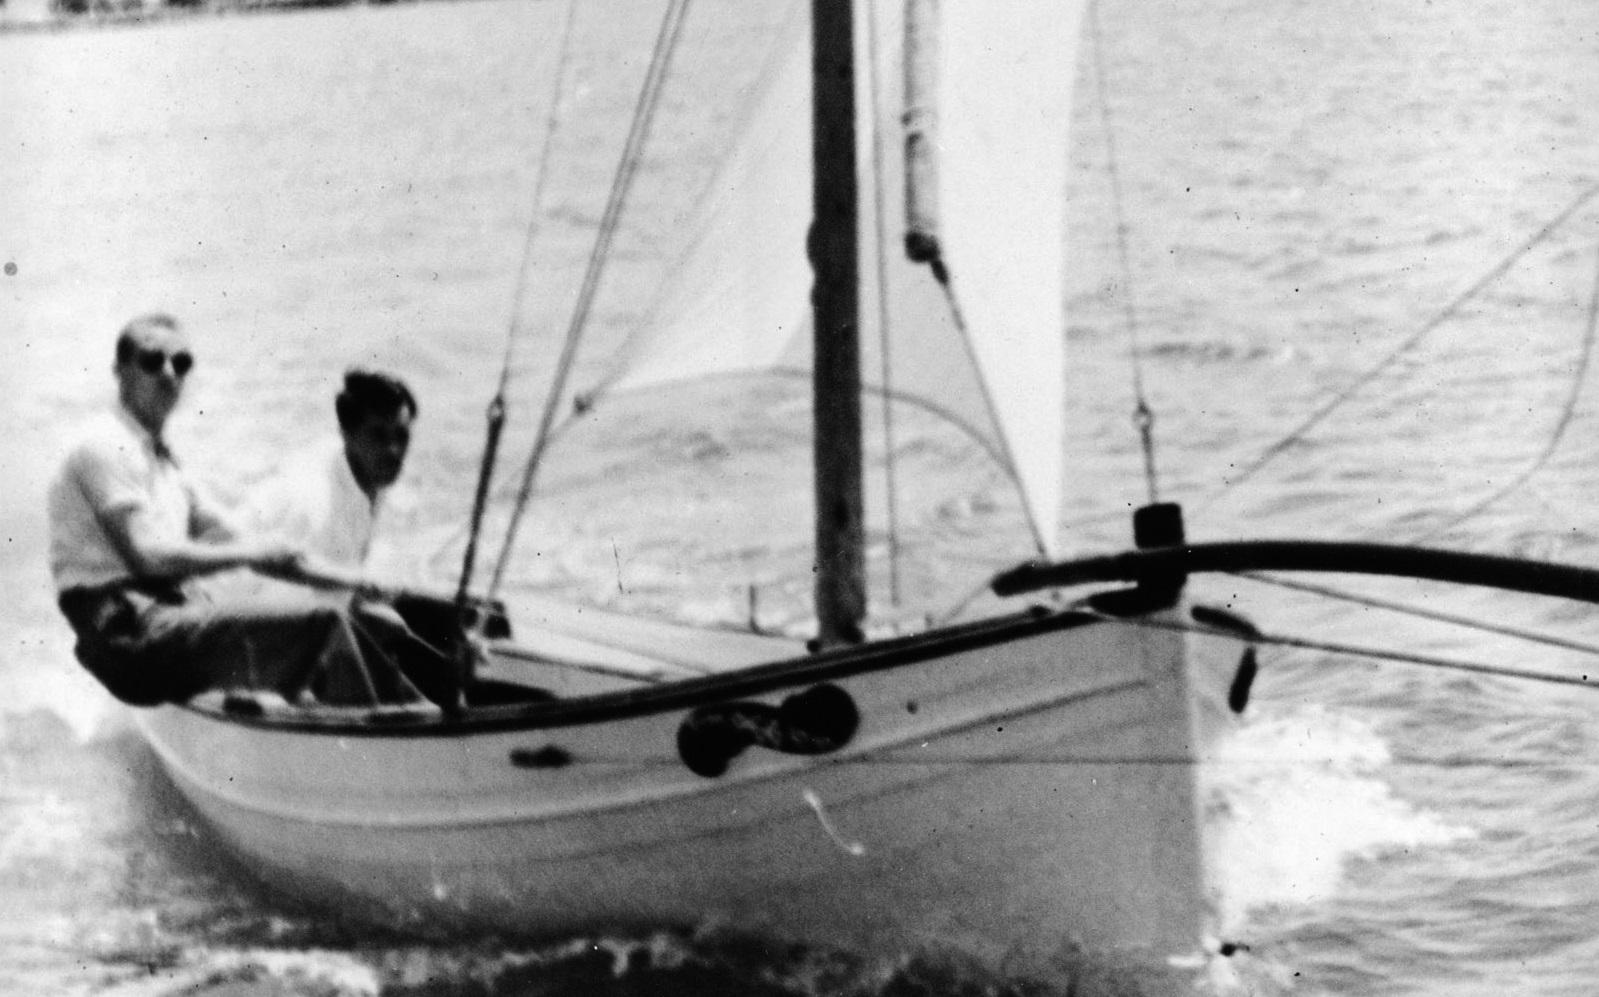 About sasga yachts and minorca yachts - history 2